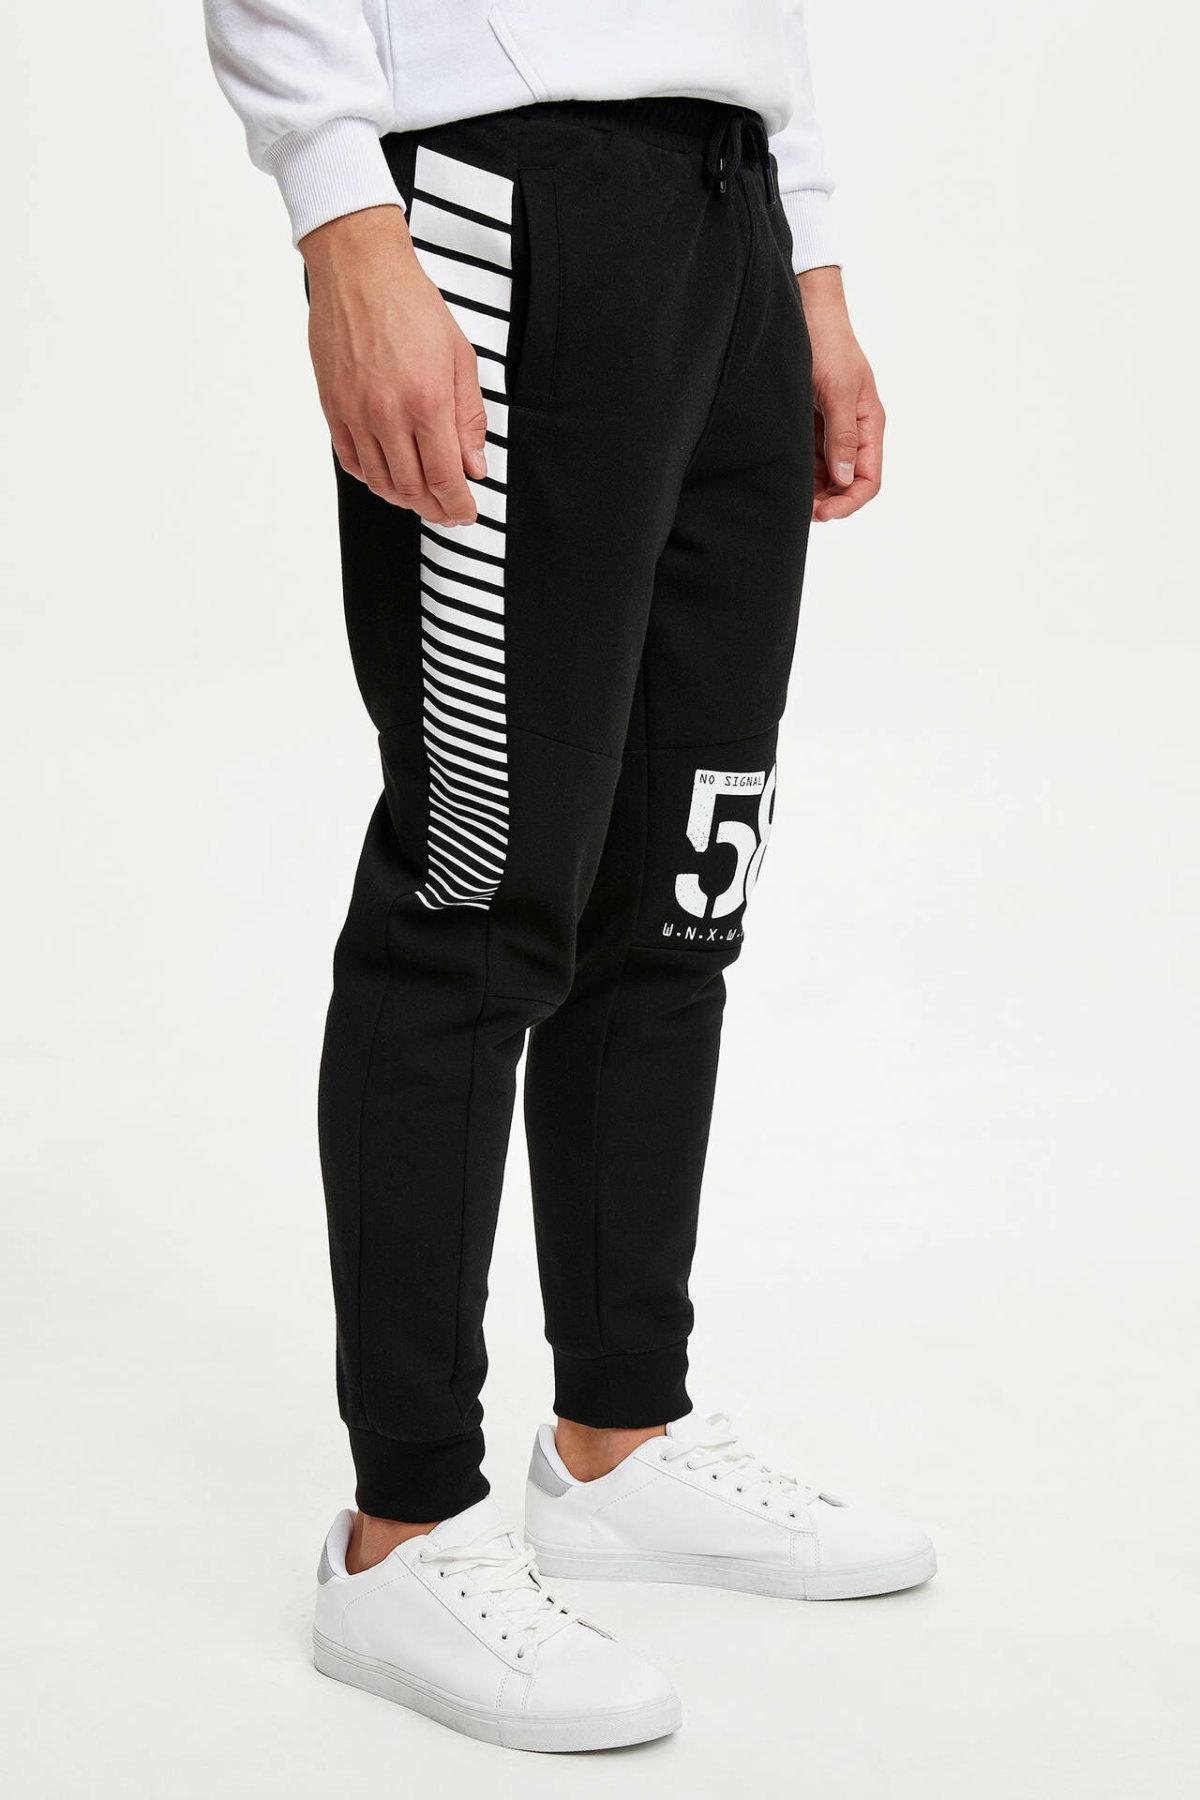 DeFacto Man Sports Long Trousers Men Casual Mid-wait Casual Loose Black Long Pants Letter Design Men's Bottoms-L1800AZ19AU